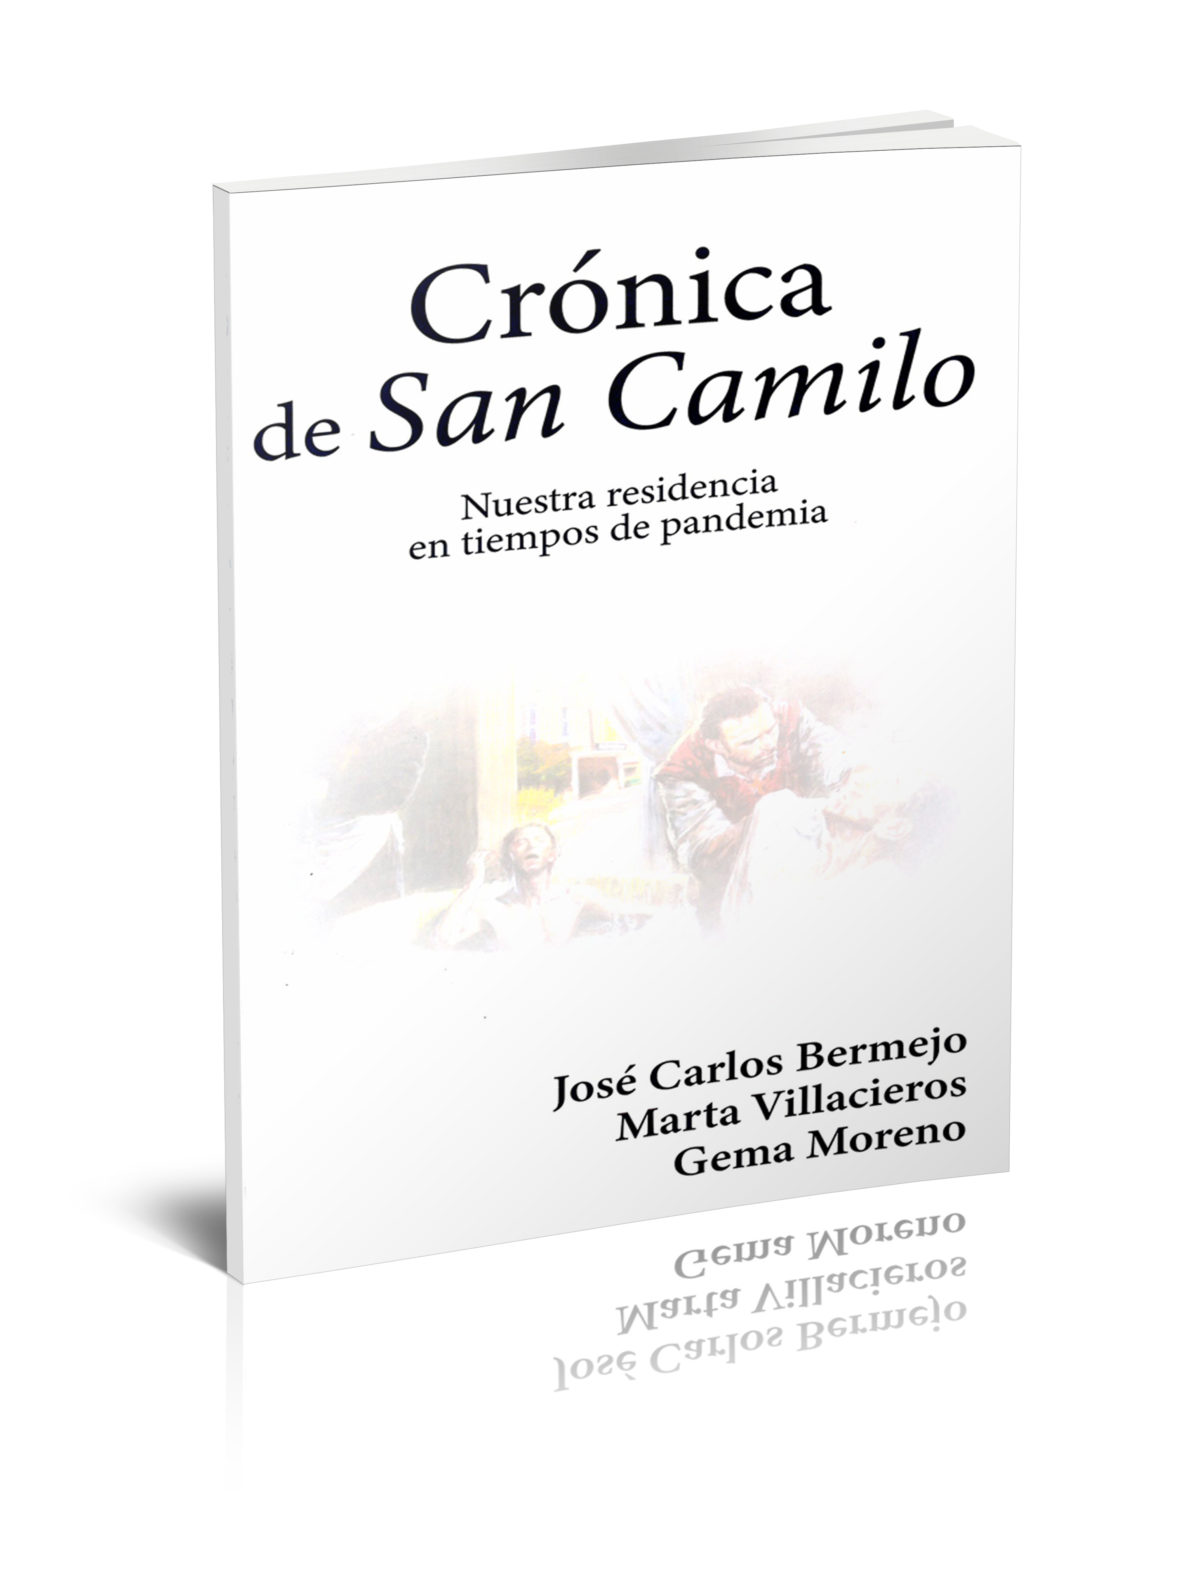 Crónica de San Camilo. Nuestra residencia en tiempos de pandemia